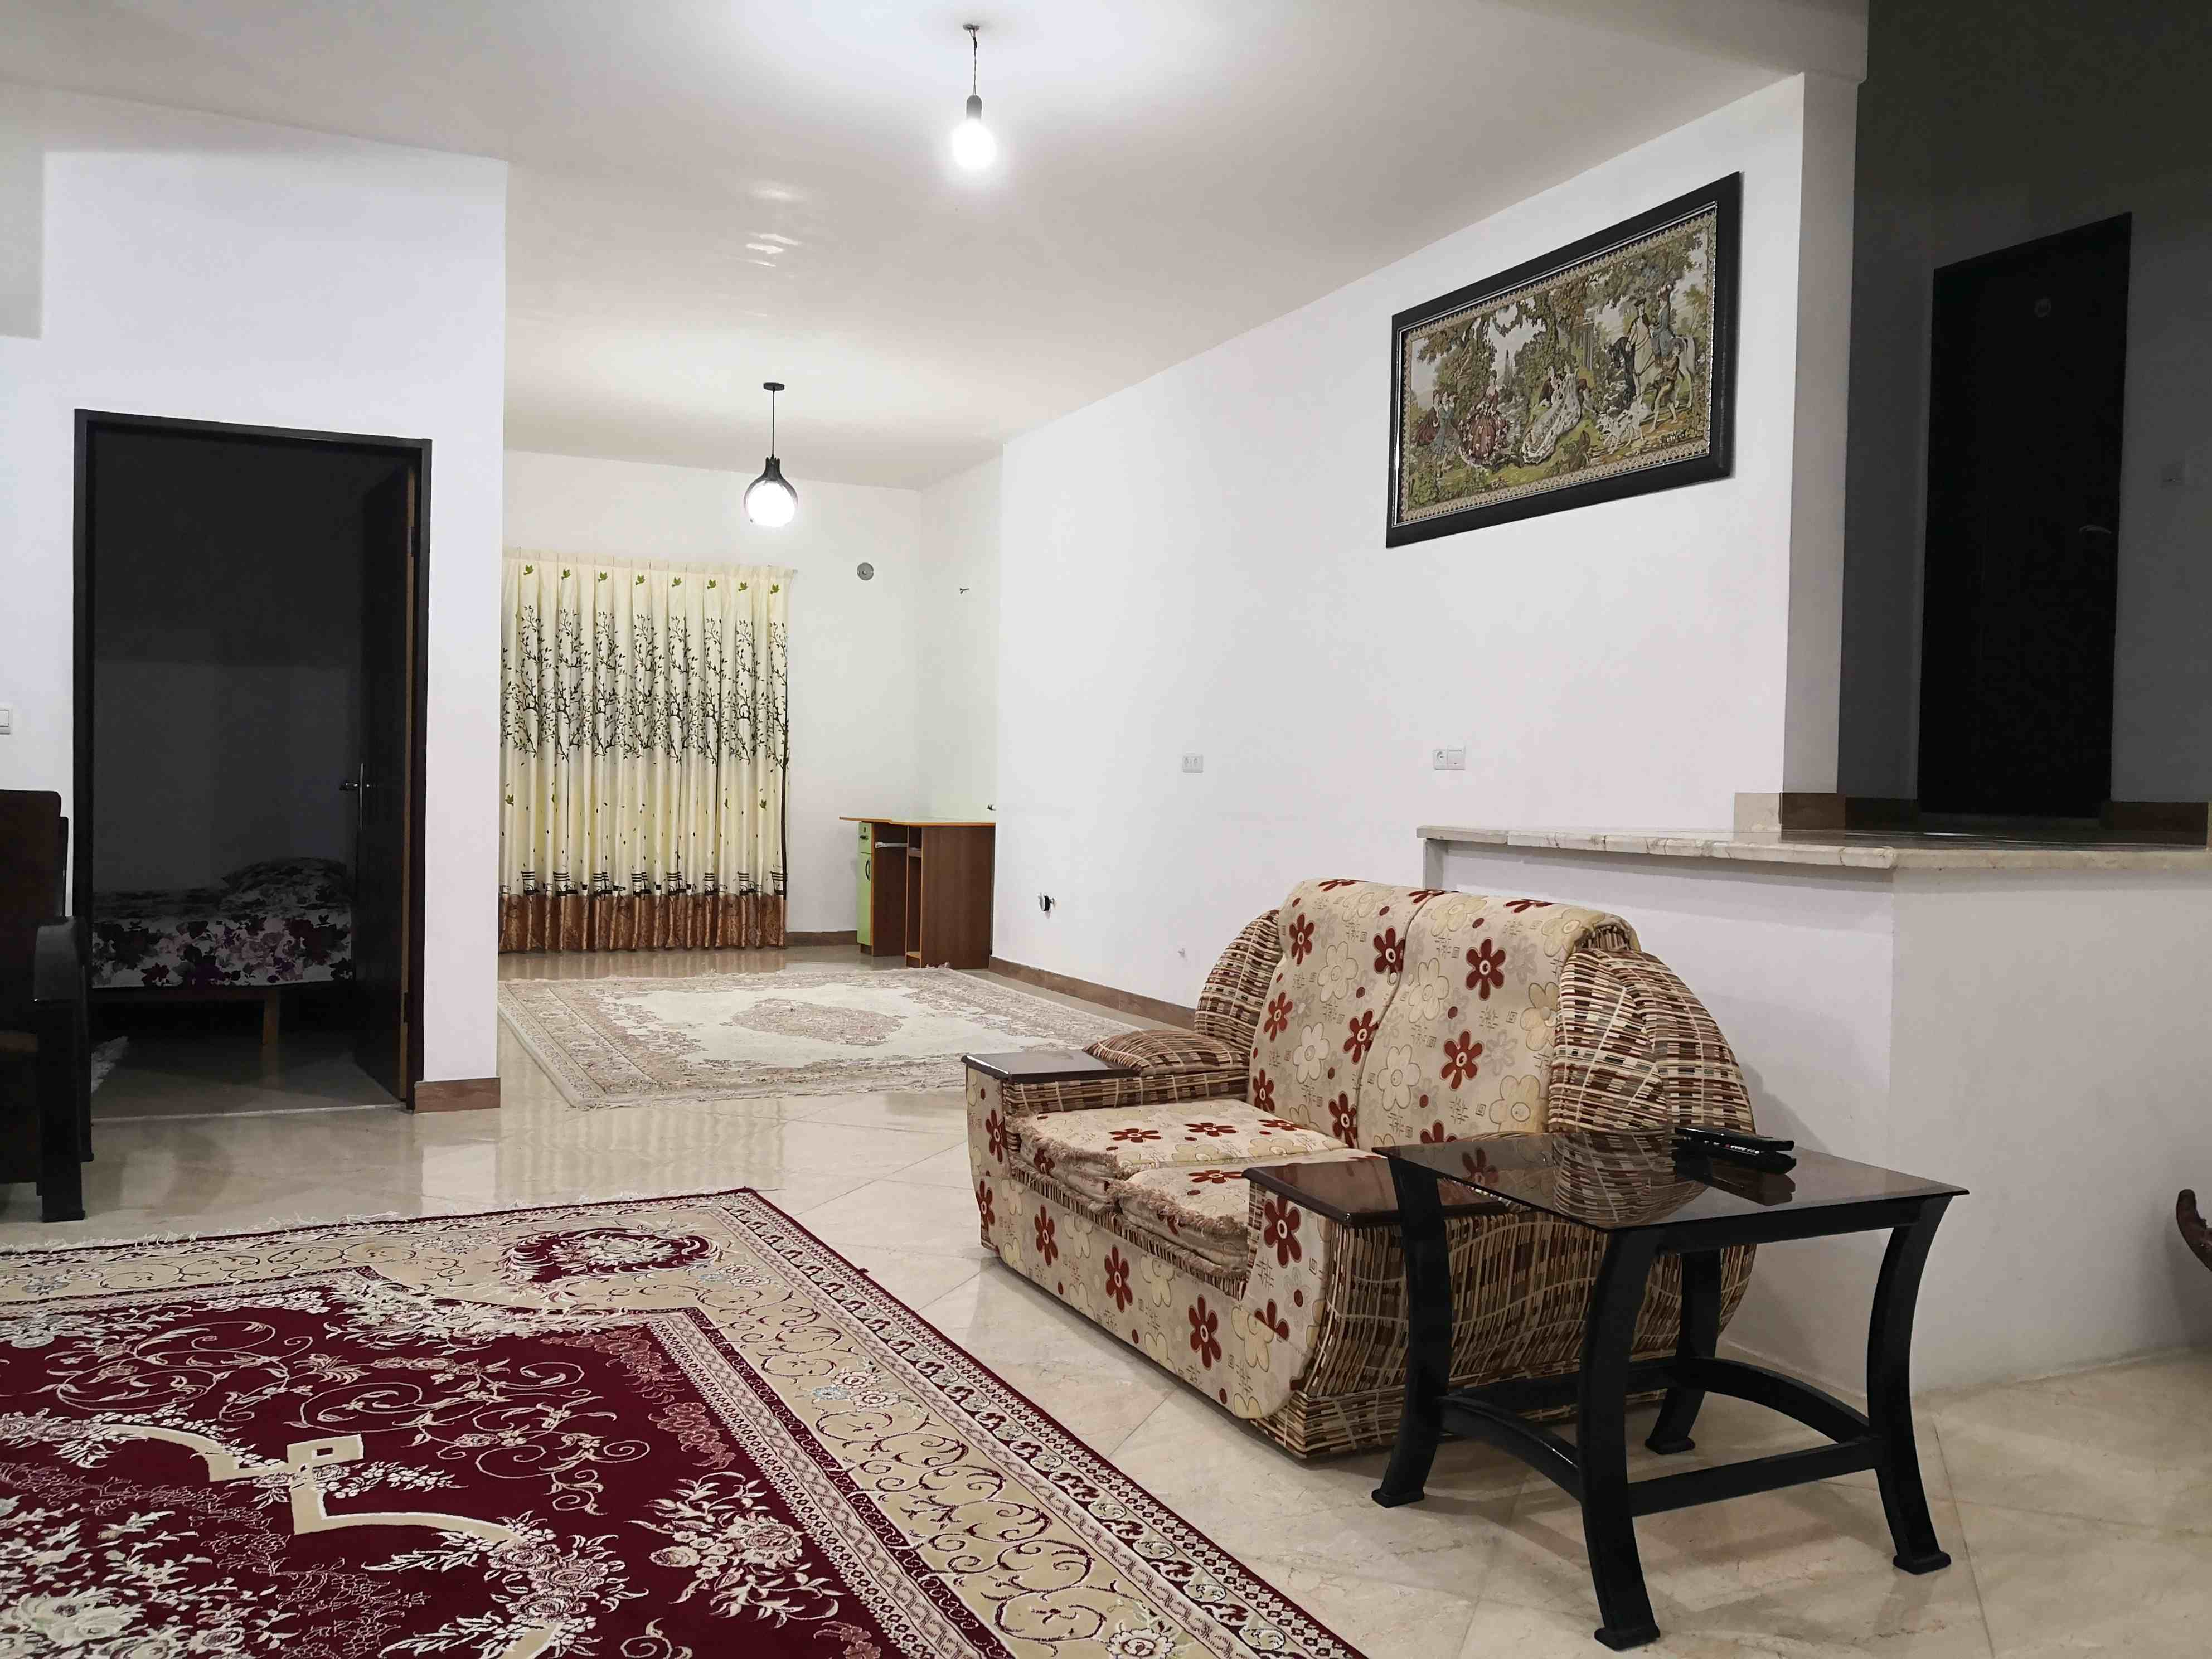 جنگلی ویلا دوبلکس در هچیرود مازندران